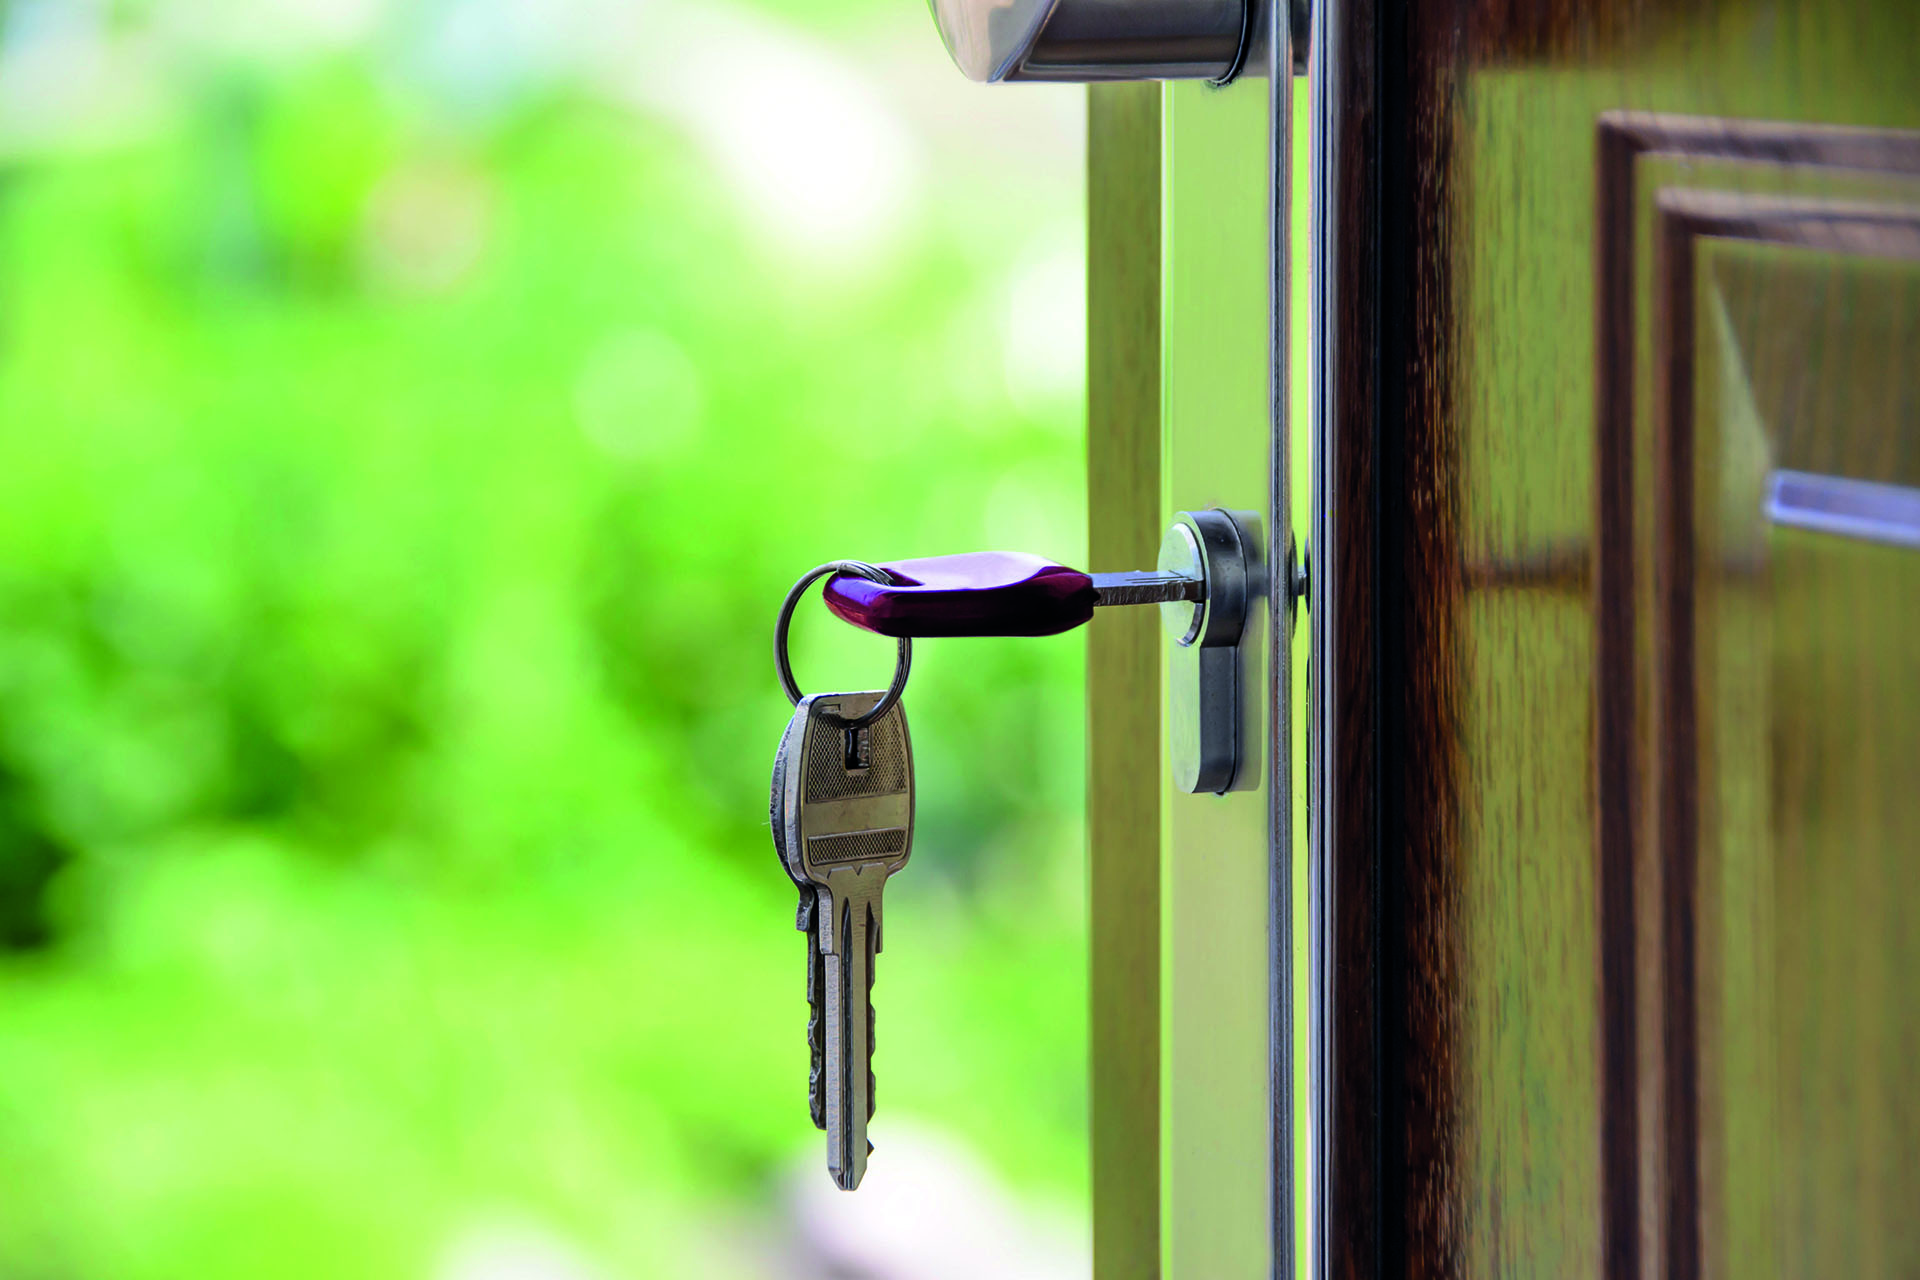 Keys to a new door